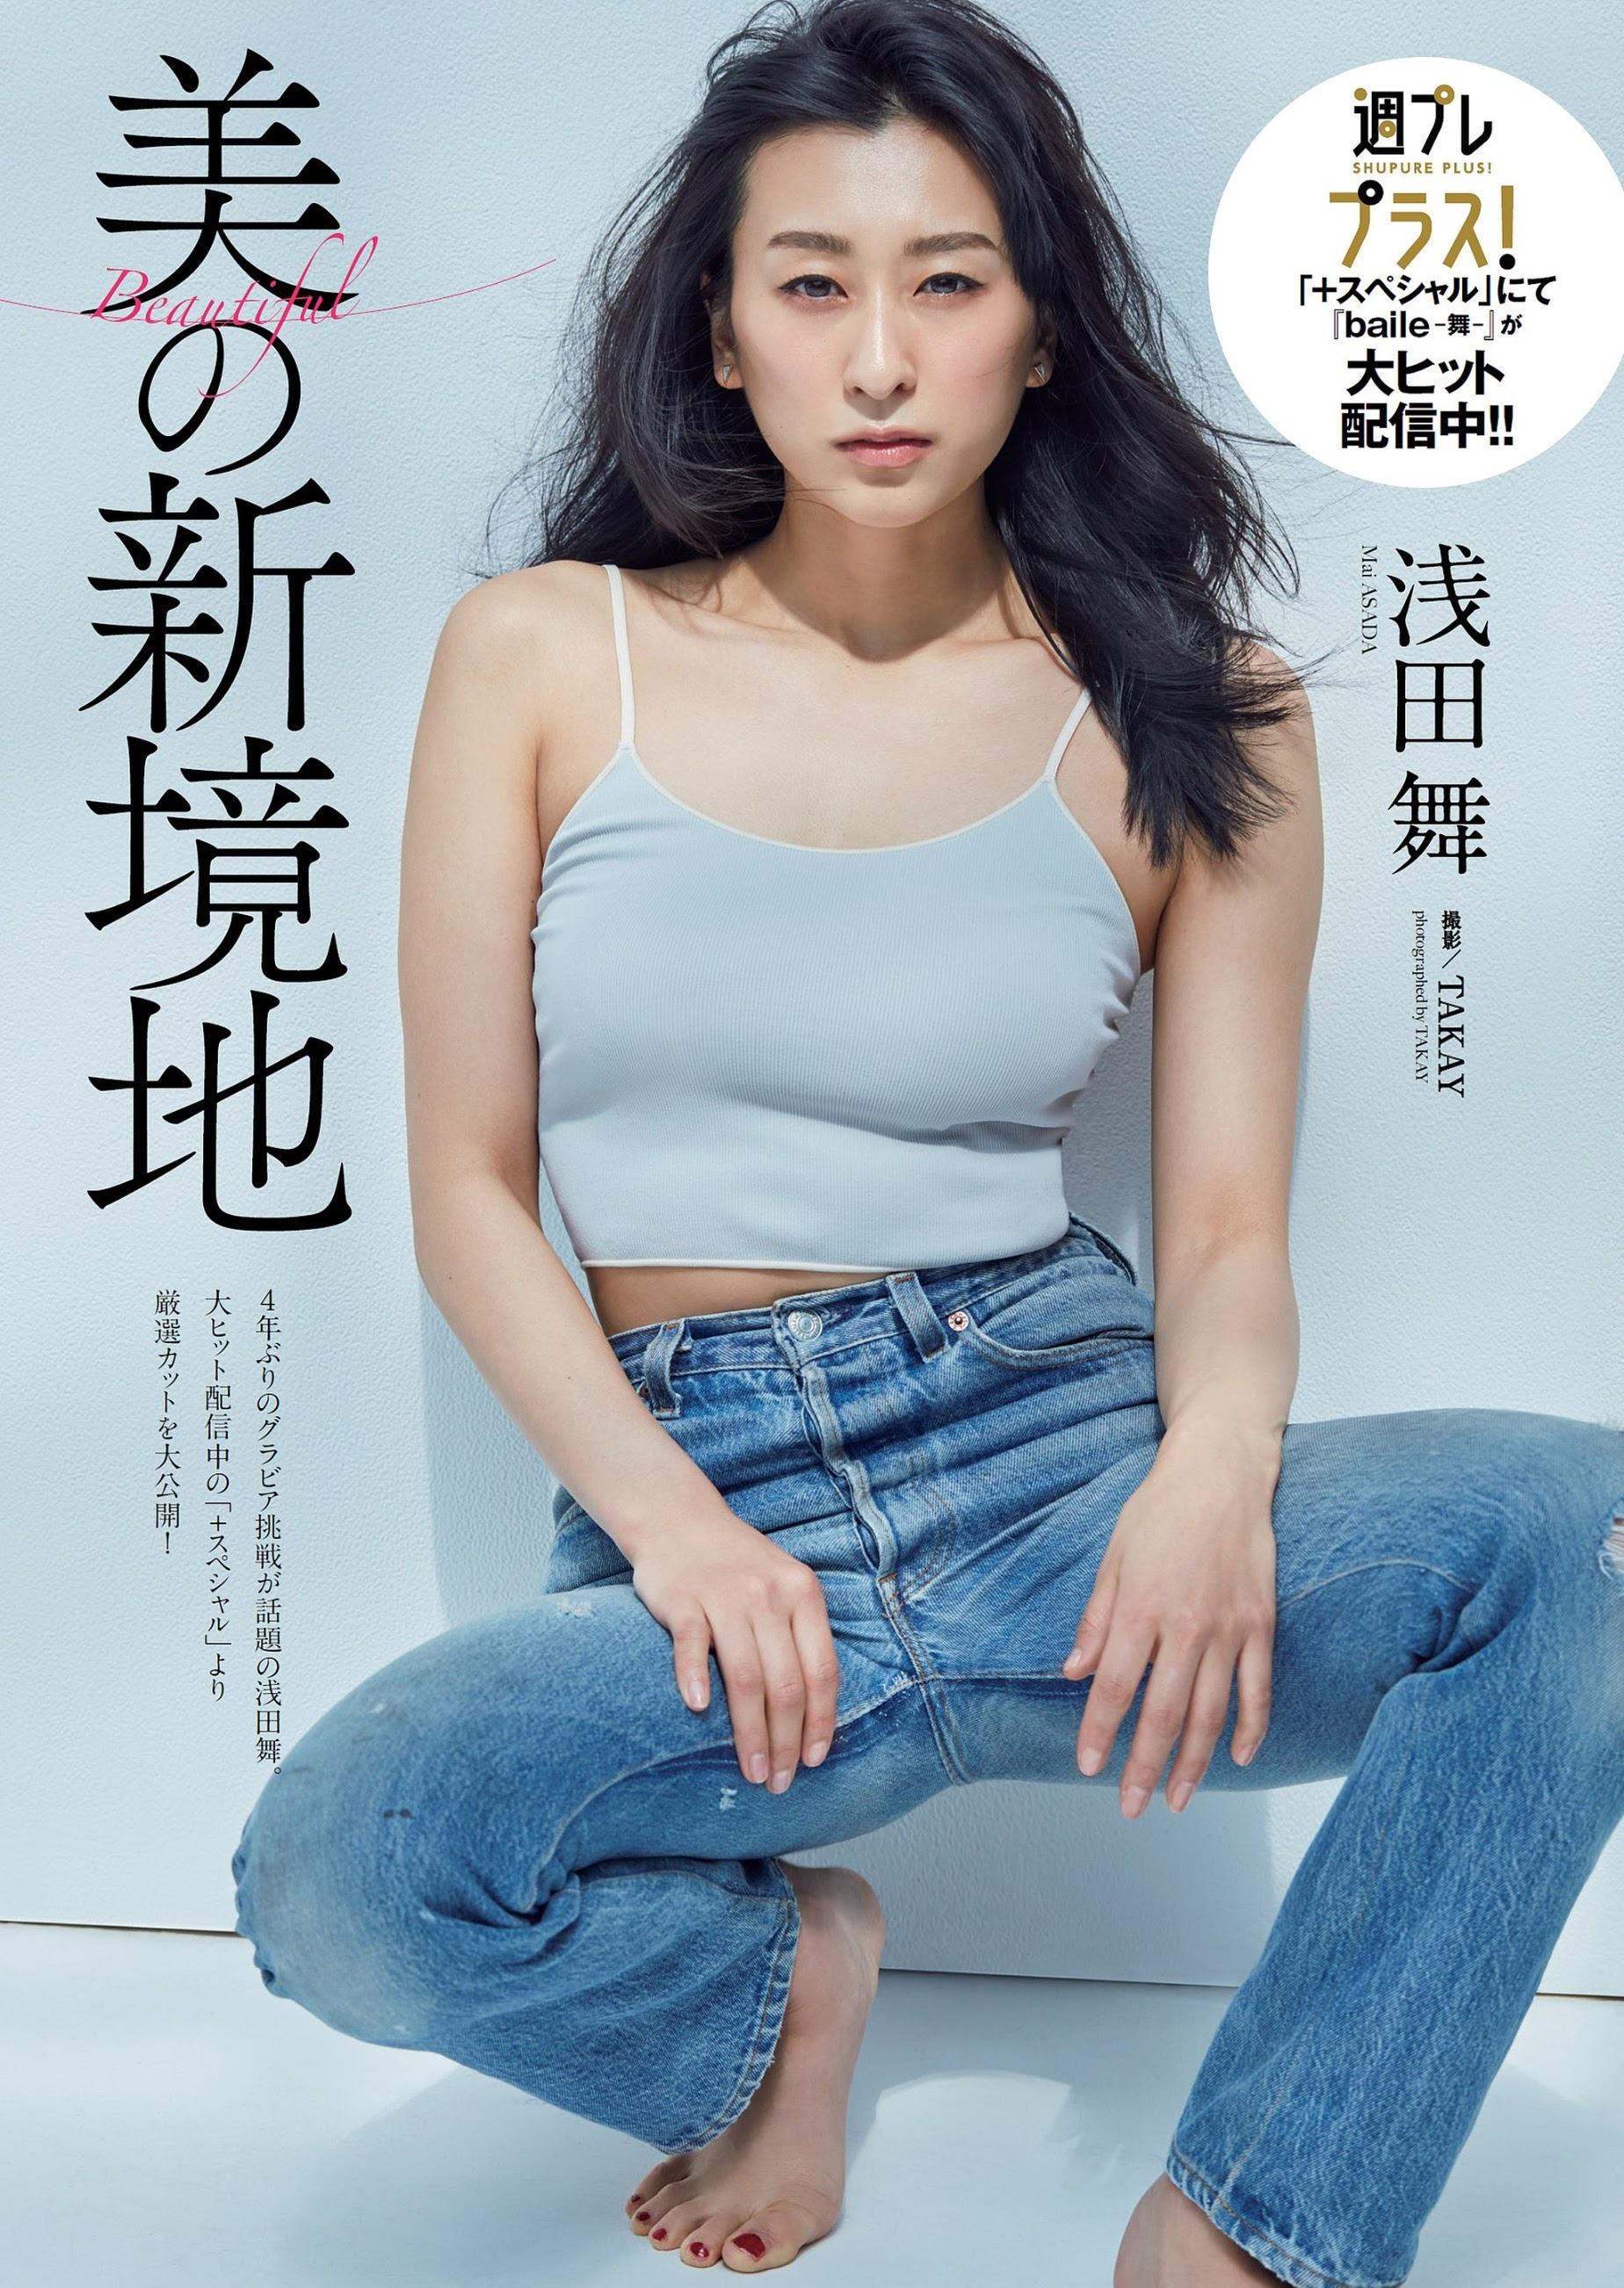 松本真理香 樱井音乃 羽柴なつみ-Weekly Playboy 2021第23期 高清套图 第56张